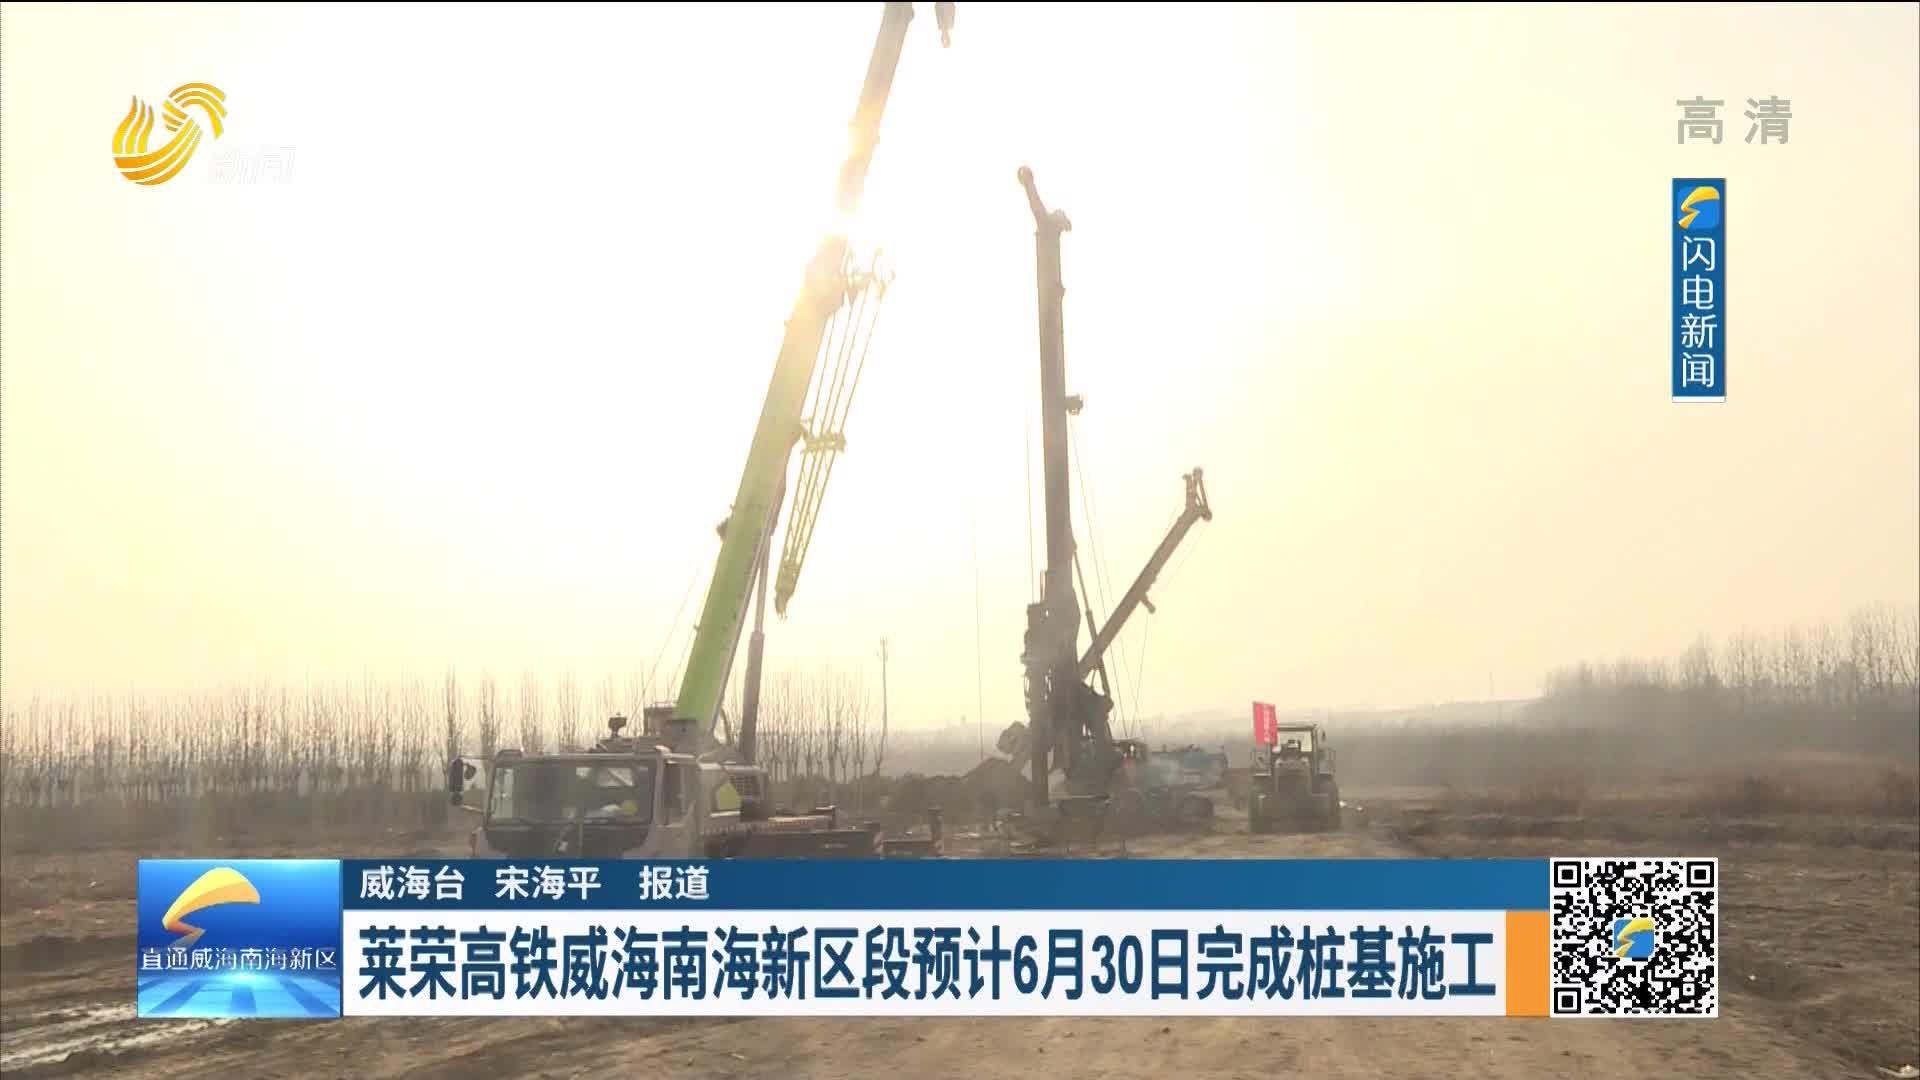 莱荣高铁威海南海新区段预计6月30日完成桩基施工